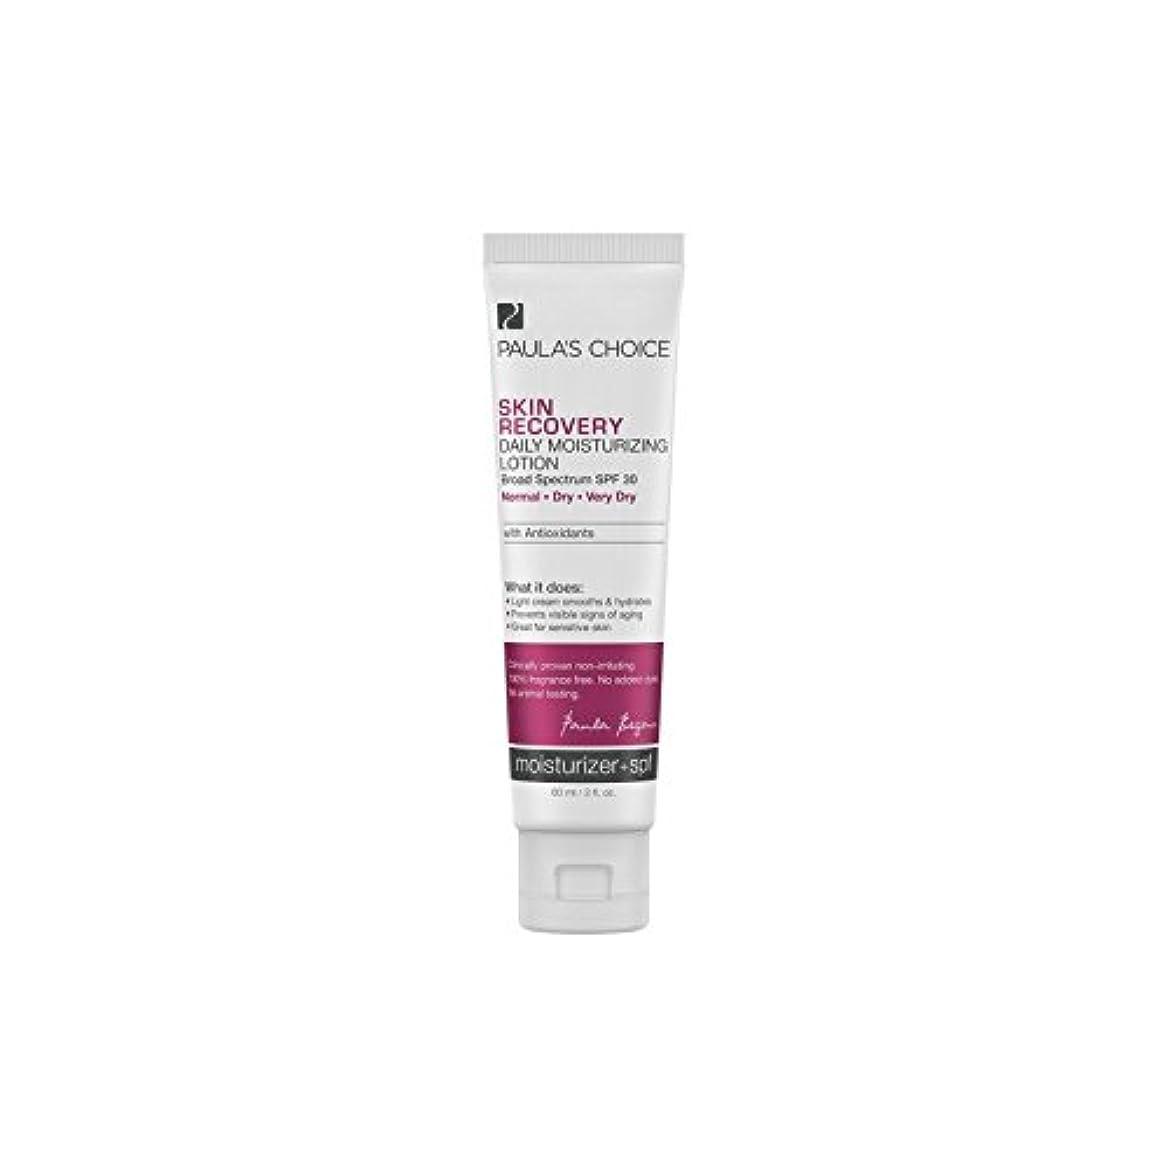 忌まわしい示す邪悪なPaula's Choice Skin Recovery Daily Moisturizing Lotion Spf30 (60ml) (Pack of 6) - ポーラチョイスの肌の回復毎日の保湿ローション30(60ミリリットル) x6 [並行輸入品]